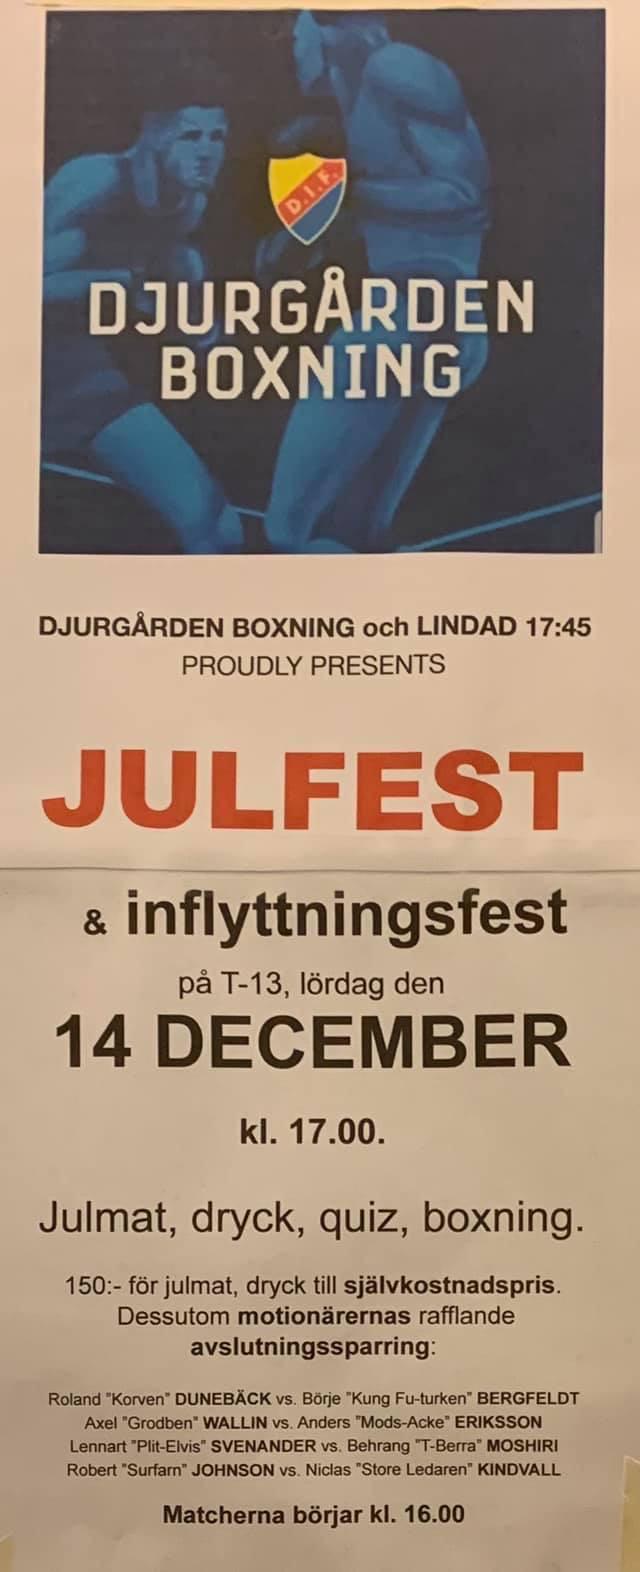 Julfest hos Djurgården Boxning